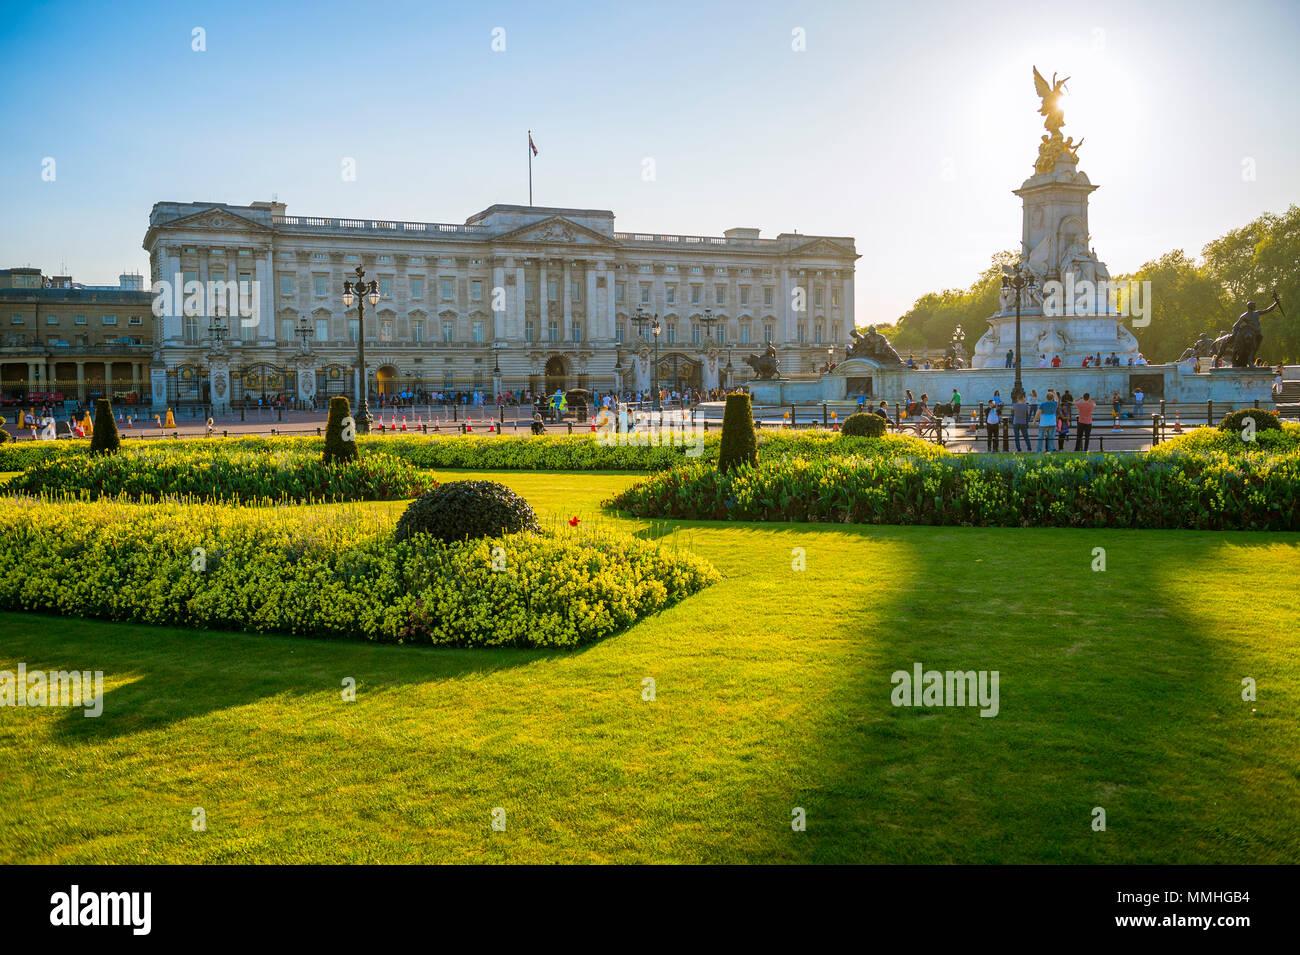 Londra - 7 Maggio 2018: vista su letti di fiori di fronte a Buckingham Palace al tramonto. Immagini Stock